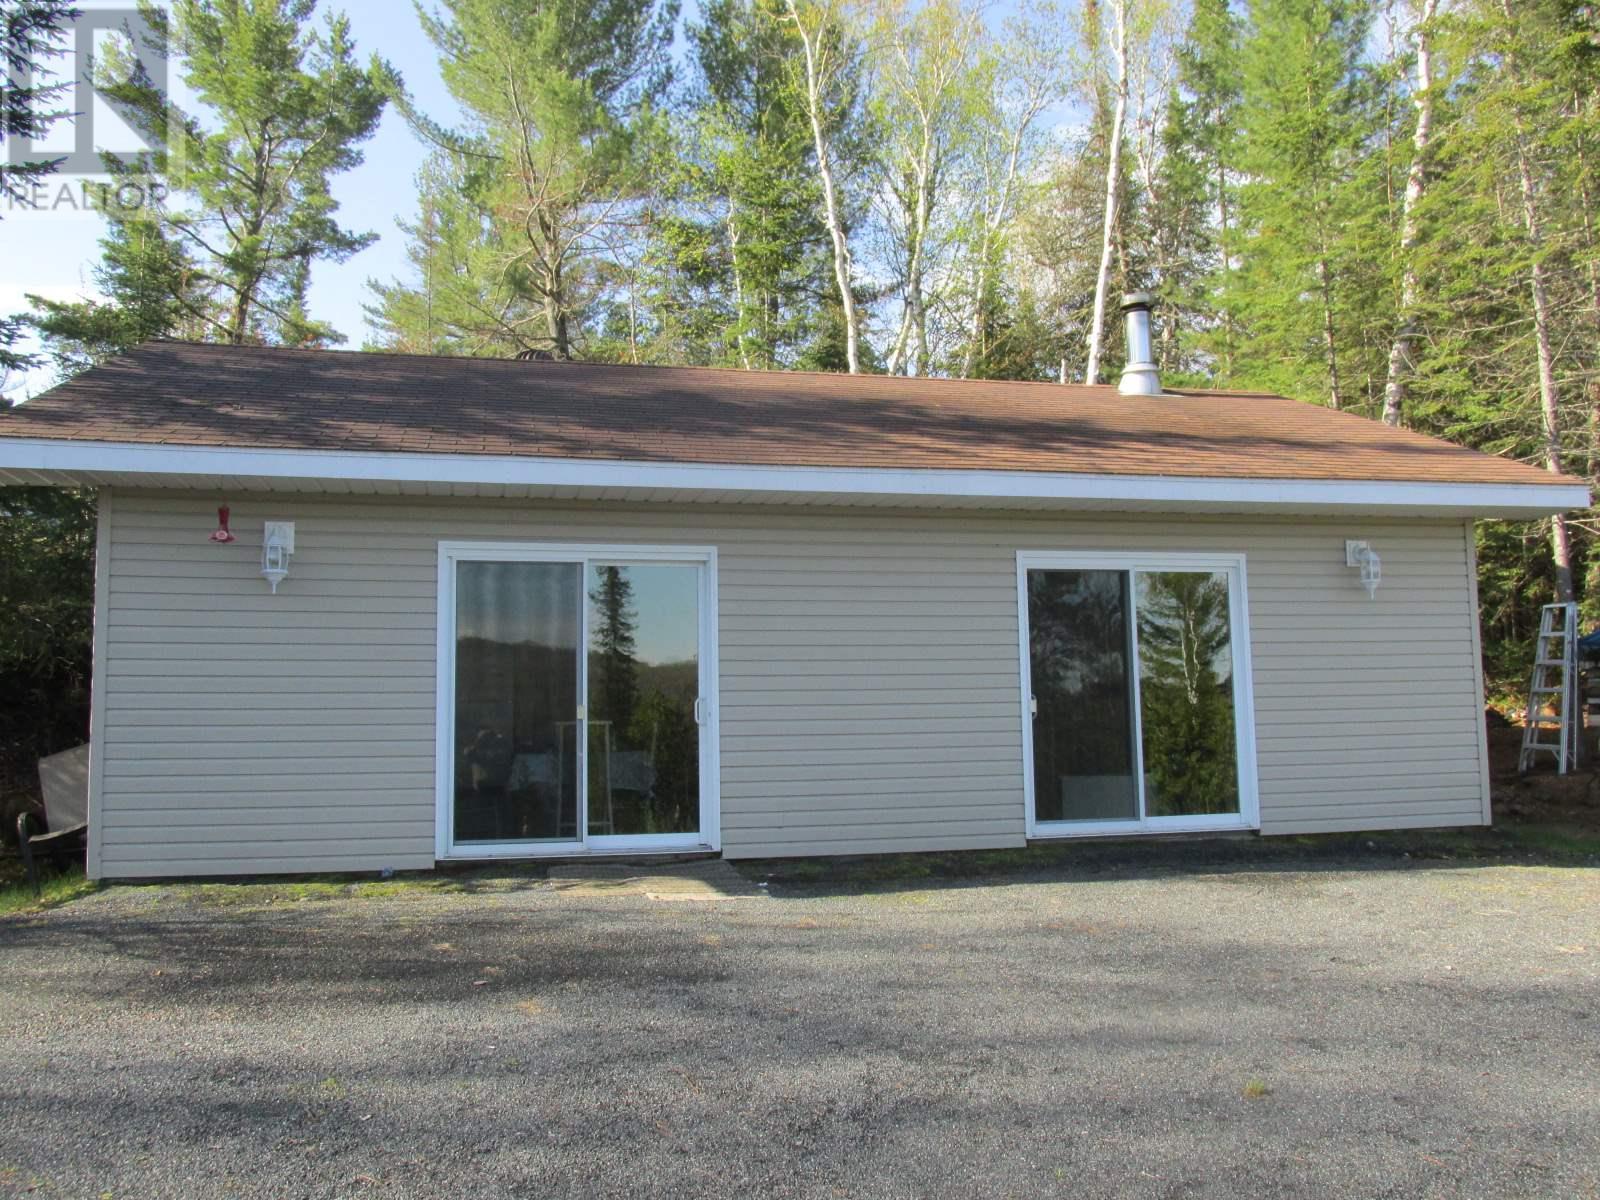 elliot lake mlslistings real estate for sale